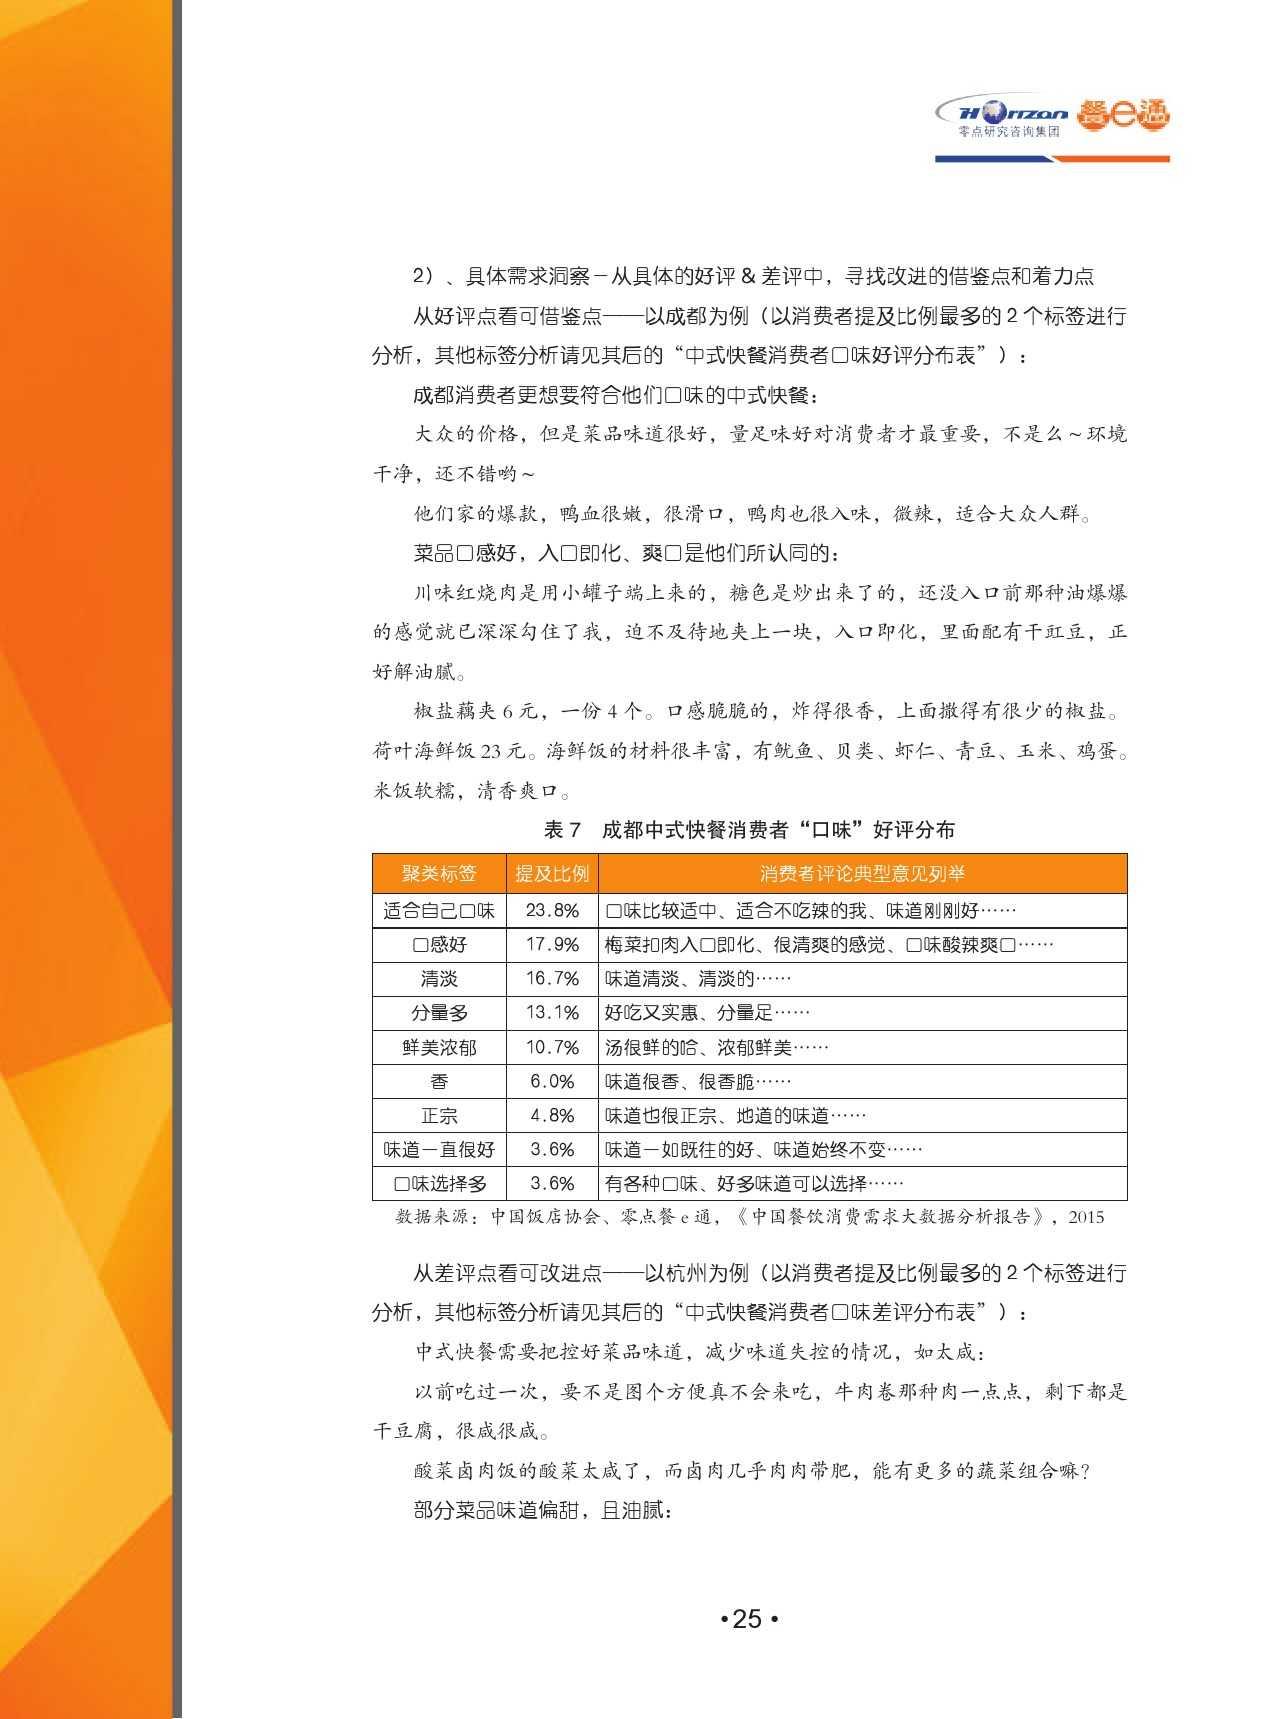 2015中国餐饮消费需求大数据分析报告_000027